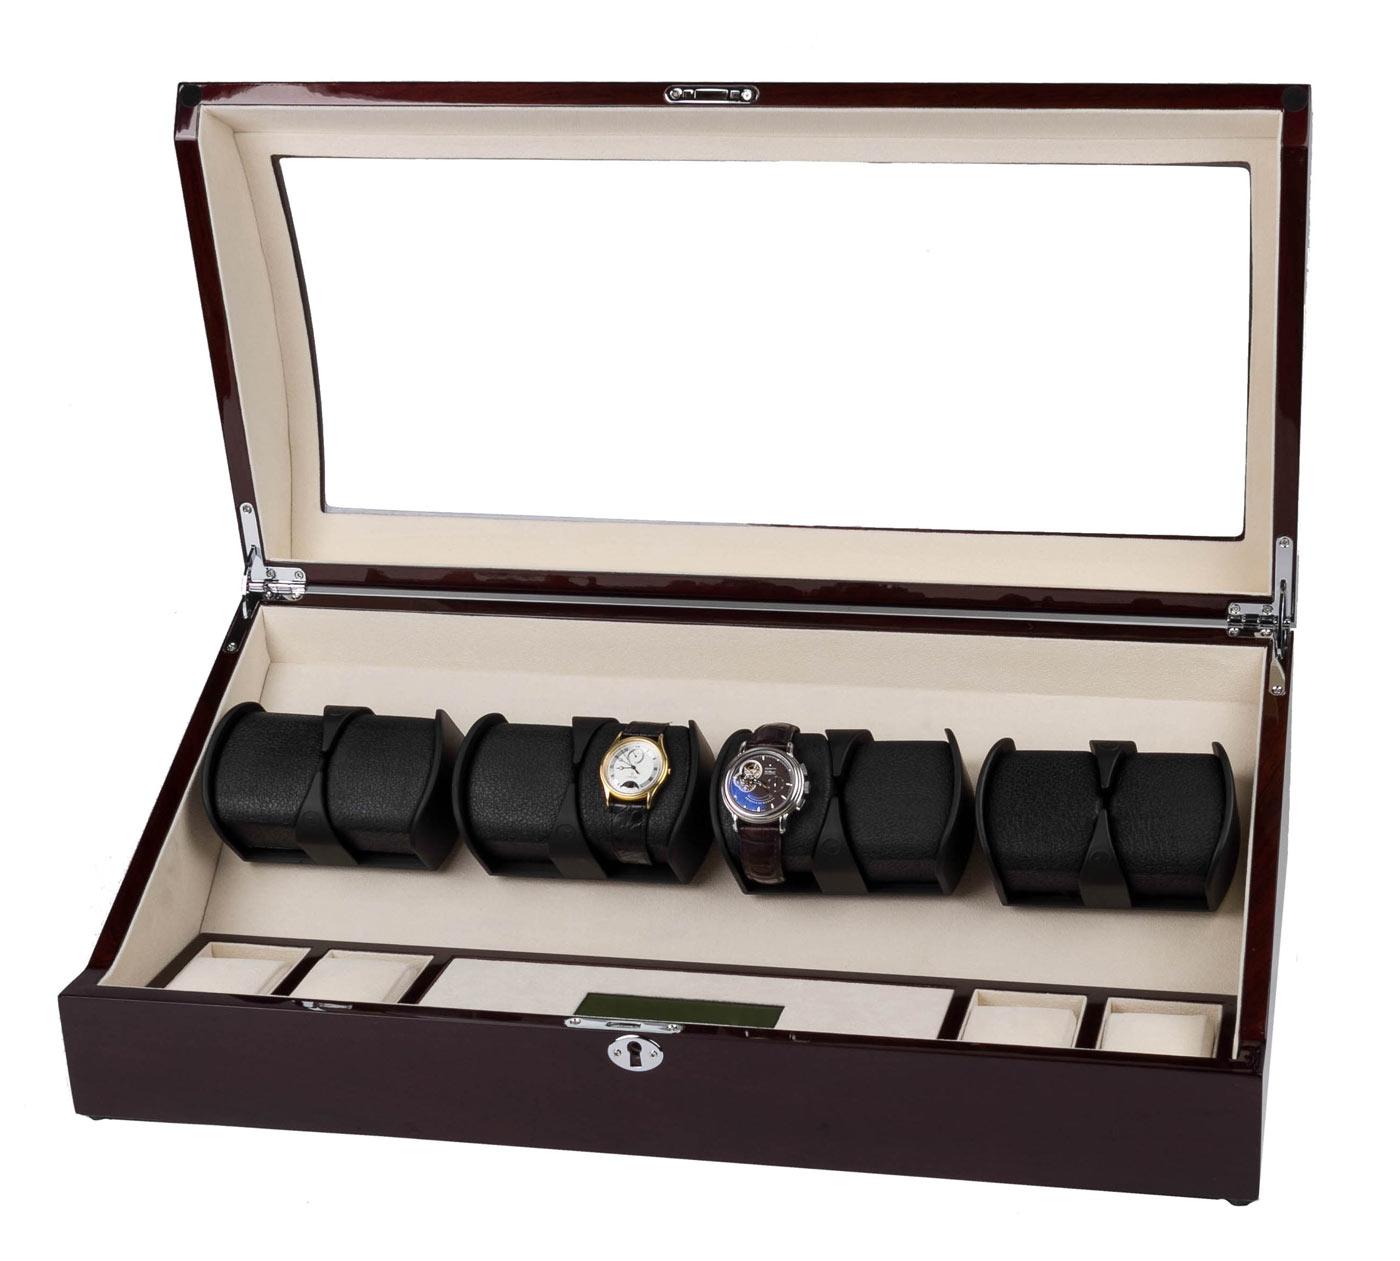 8225-MAC Шкатулка для подзавода 8-ми механических часов, изготовлена из натурального дерева, отделка: лак.